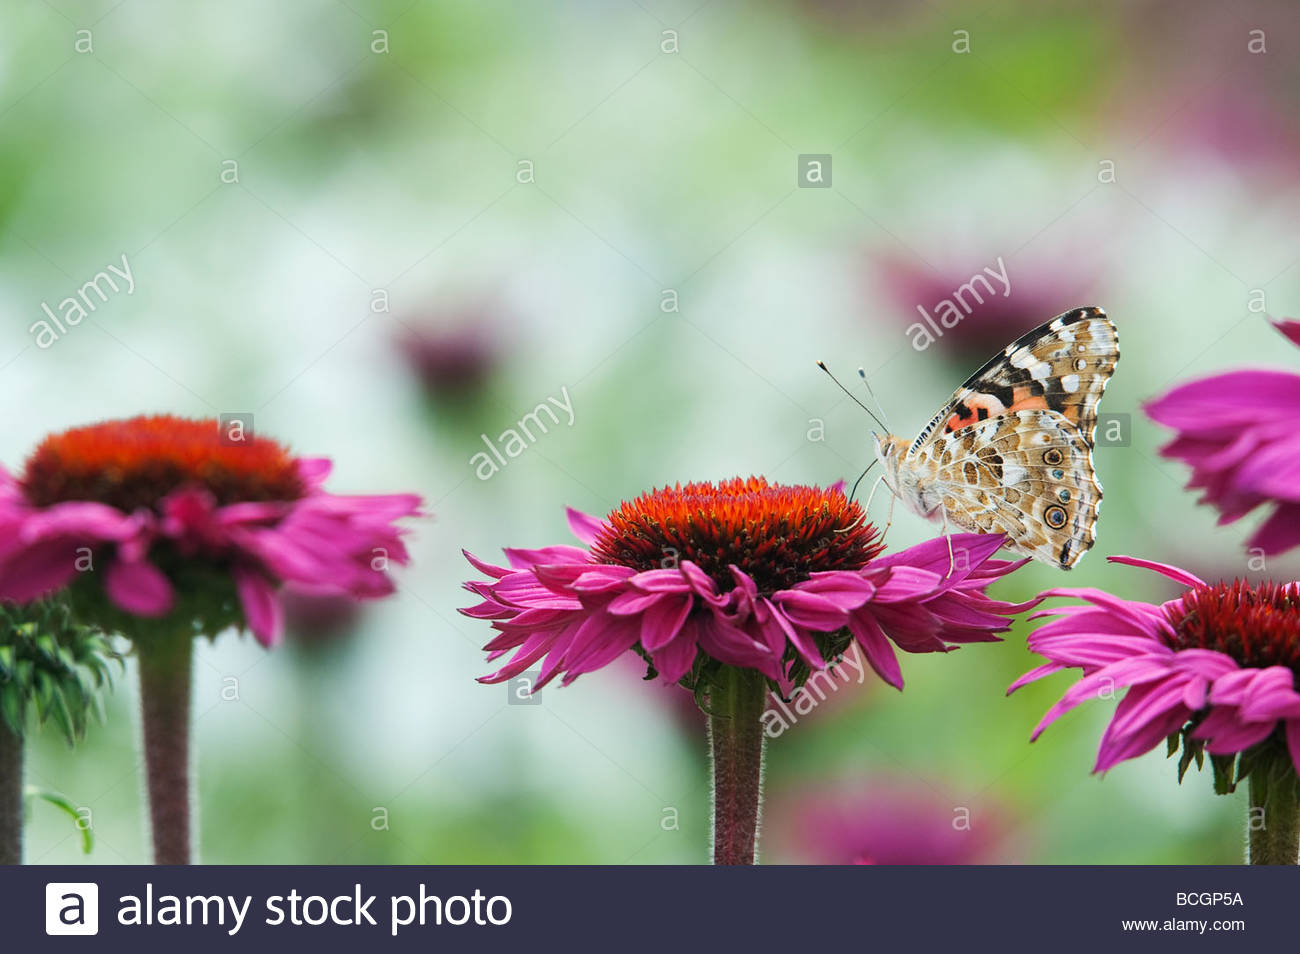 Vanessa cardui. Lady butterfly Fütterung auf Echinacea purpurea Blumen in einem englischen Garten gemalt Stockbild